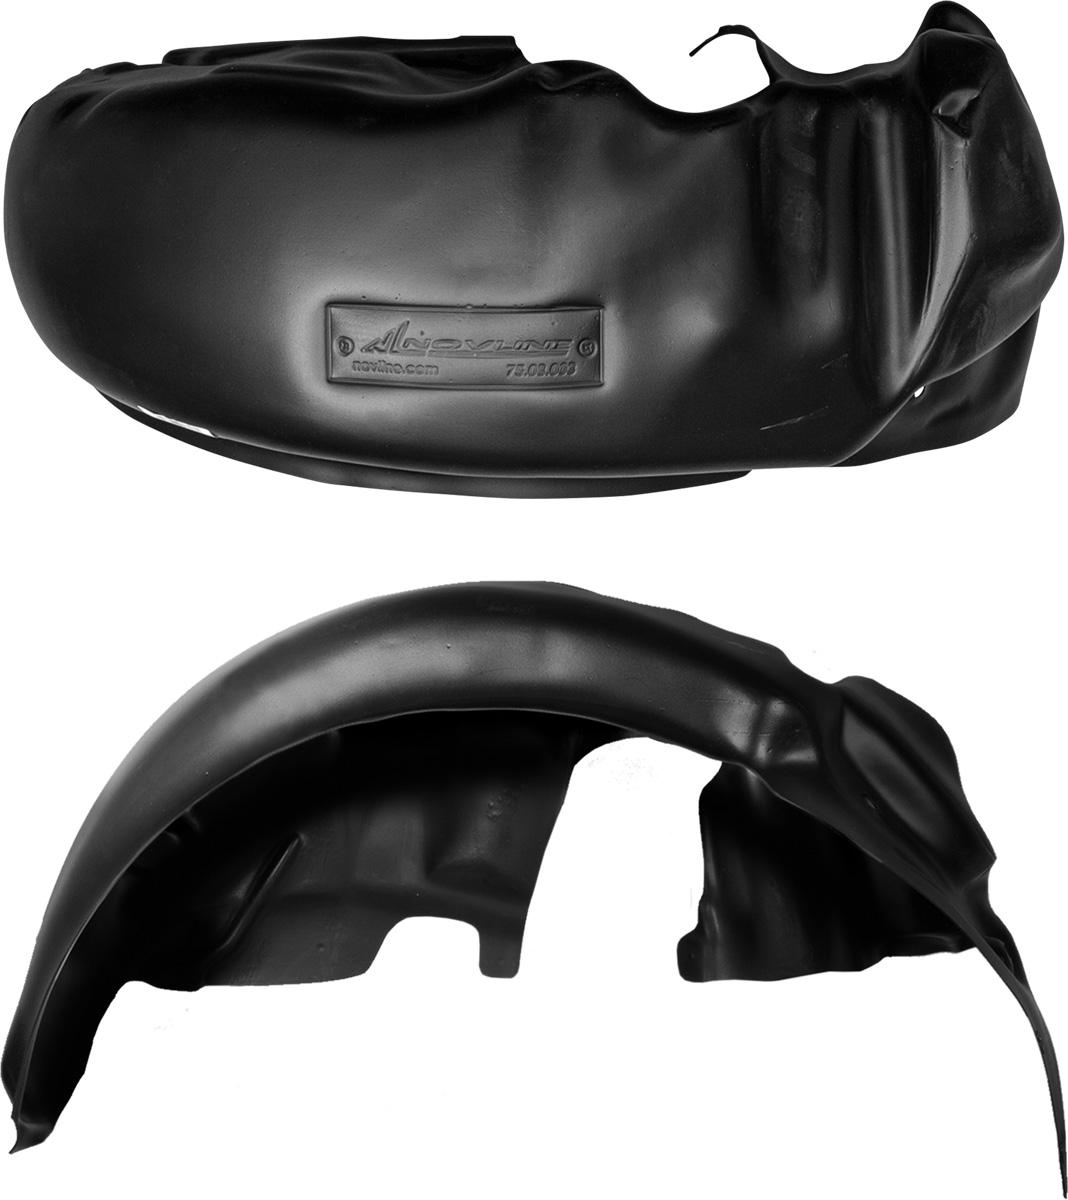 Подкрылок Novline-Autofamily, для Chevrolet Aveo, 2012 ->, седан (задний левый)1004900000360Подкрылок выполнен из высококачественного, экологически чистого пластика. Обеспечивает надежную защиту кузова автомобиля от пескоструйного эффекта и негативного влияния, агрессивных антигололедных реагентов. Пластик обладает более низкой теплопроводностью, чем металл, поэтому в зимний период эксплуатации использование пластиковых подкрылков позволяет лучше защитить колесные ниши от налипания снега и образования наледи. Оригинальность конструкции подчеркивает элегантность автомобиля, бережно защищает нанесенное на днище кузова антикоррозийное покрытие и позволяет осуществить крепление подкрылка внутри колесной арки практически без дополнительного крепежа и сверления, не нарушая при этом лакокрасочного покрытия, что предотвращает возникновение новых очагов коррозии. Технология крепления подкрылка на иномарки принципиально отличается от крепления на российские автомобили и разрабатывается индивидуально для каждой модели автомобиля. Подкрылок долговечен, обладает высокой прочностью и сохраняет заданную форму, а также все свои физико-механические характеристики в самых тяжелых климатических условиях ( от -50° С до + 50° С).